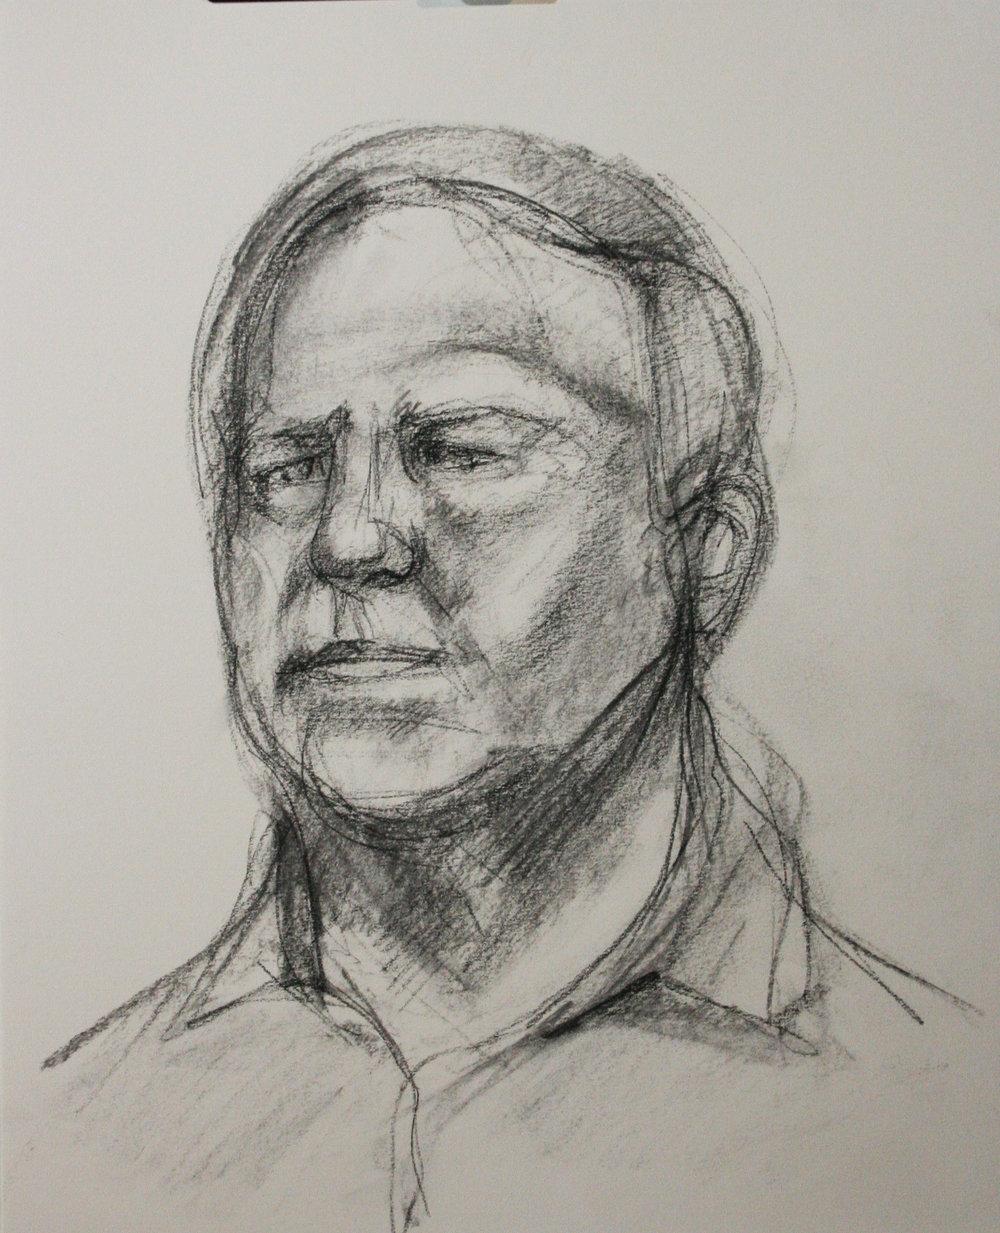 Jeff Erdie did this half hour sketch.